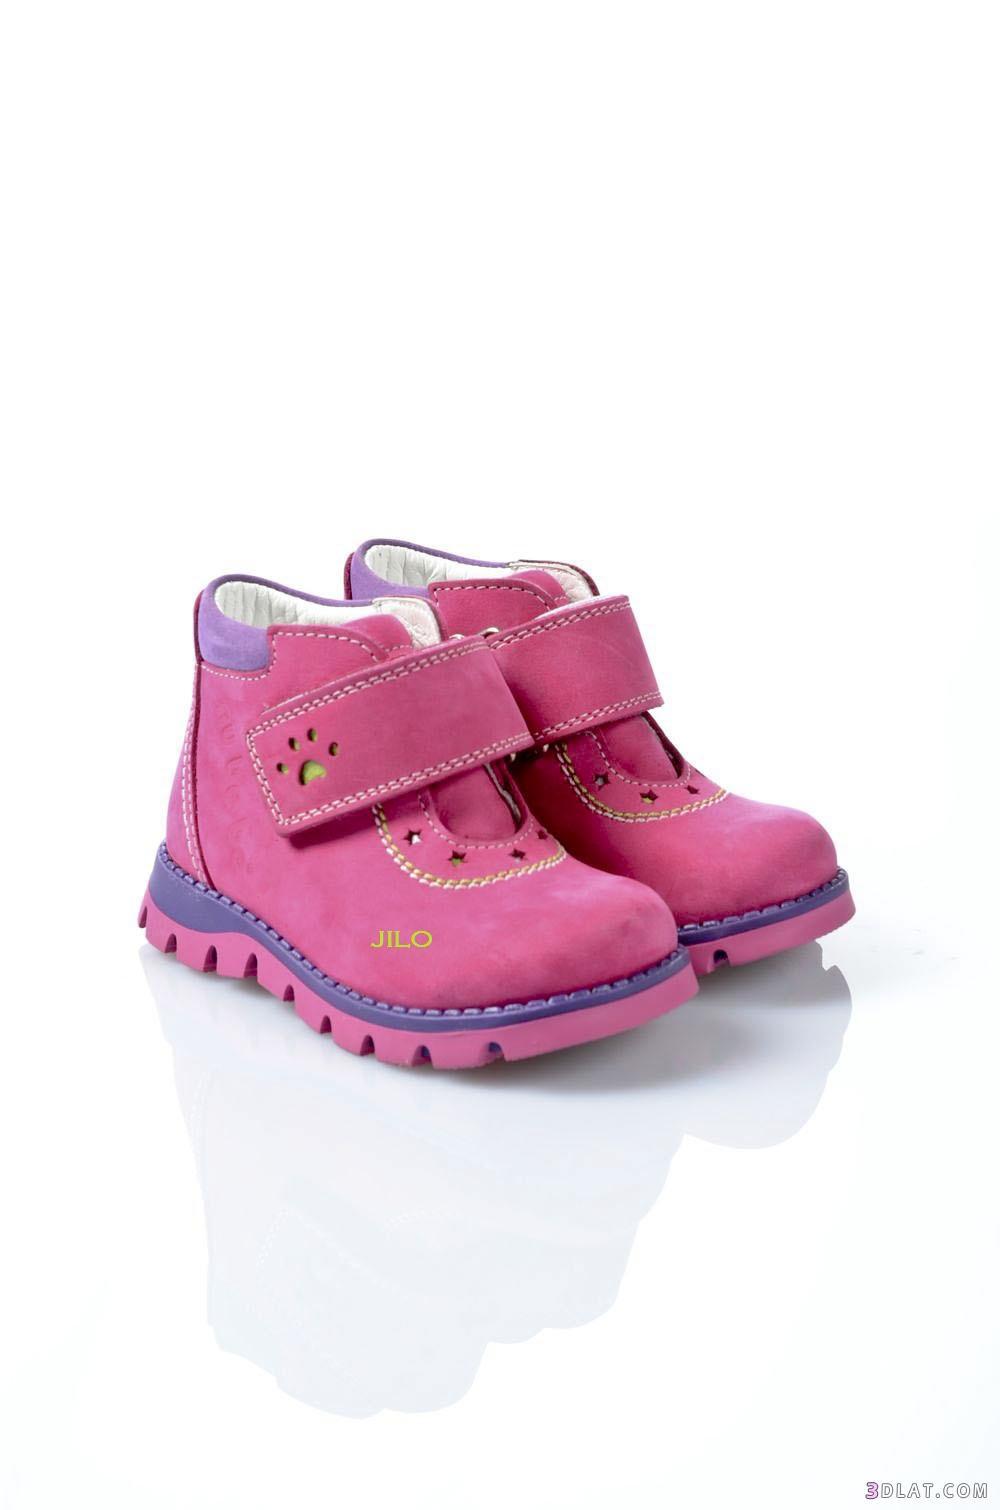 بالصور احذية اطفال بنات , اجمل الاحذيه للبنات بالصور للاطفال 2510 4